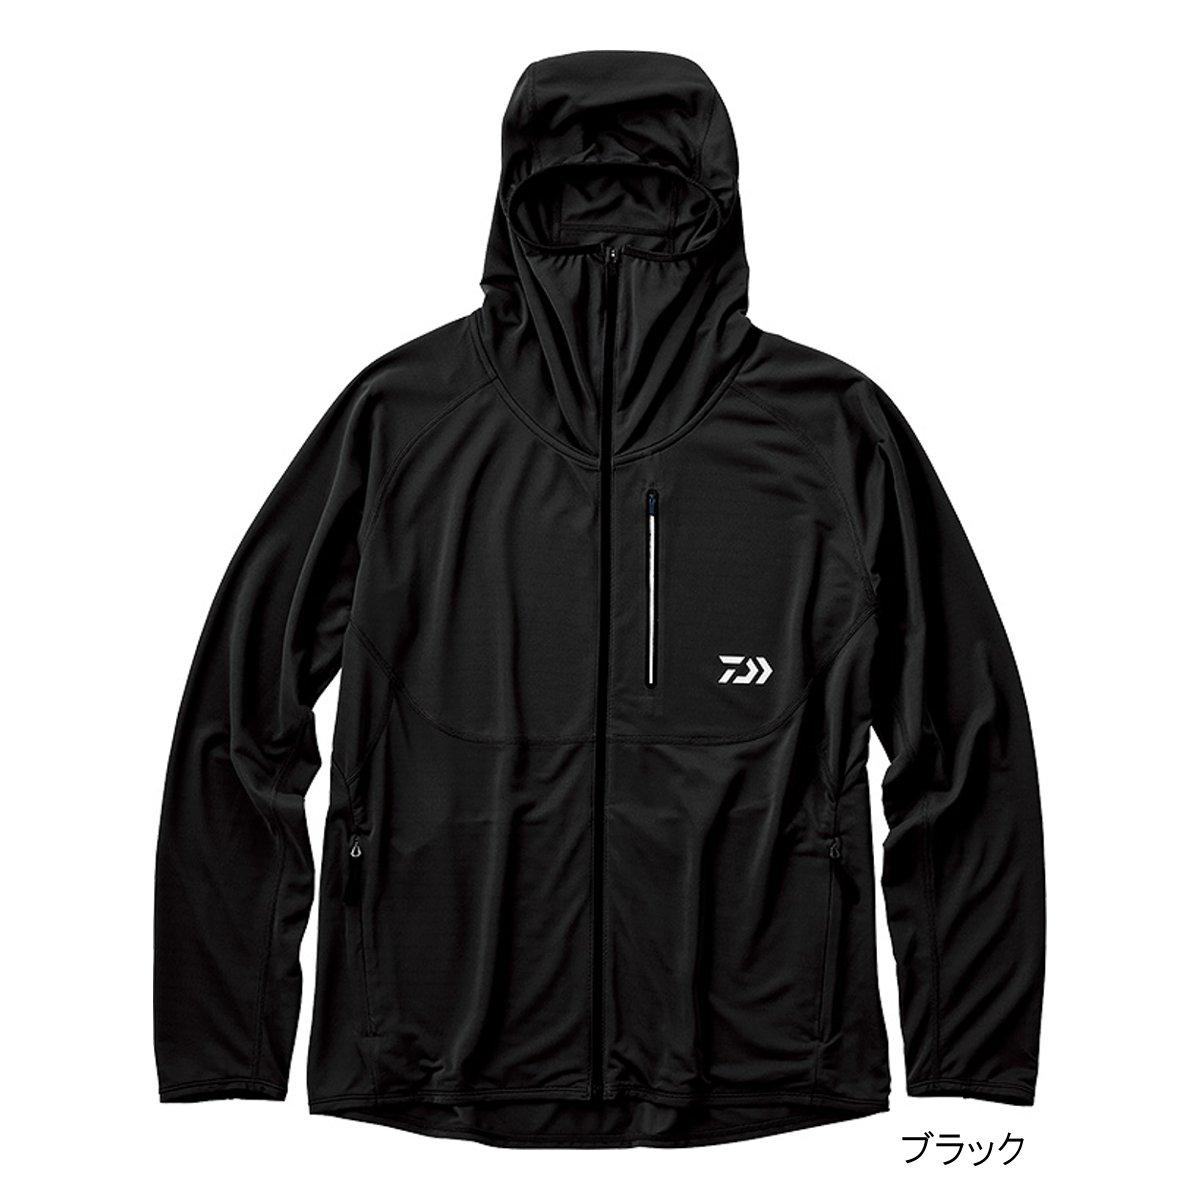 ダイワ アクティブフルジップパーカ DE-36009 L ブラック(東日本店)